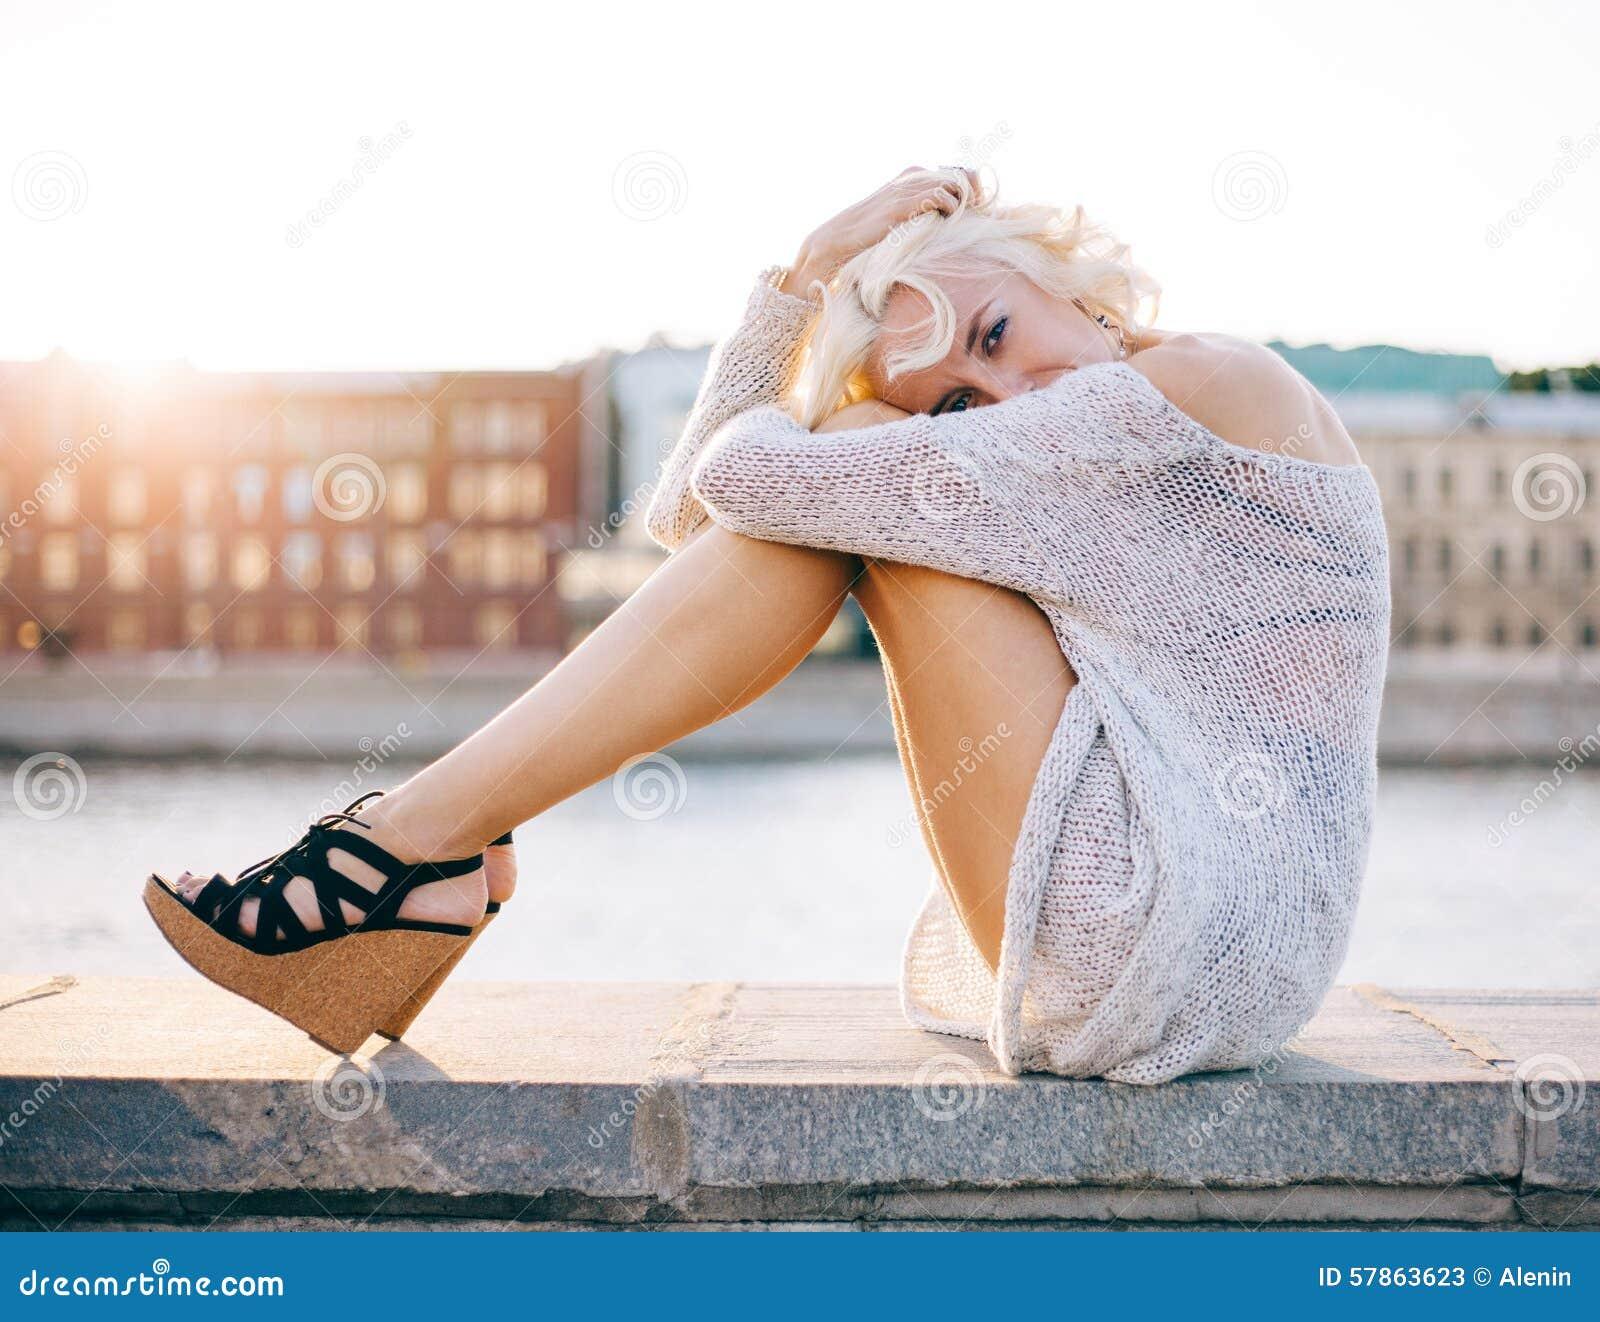 Blog de mateodemarseille - pieds et jambes de femmes